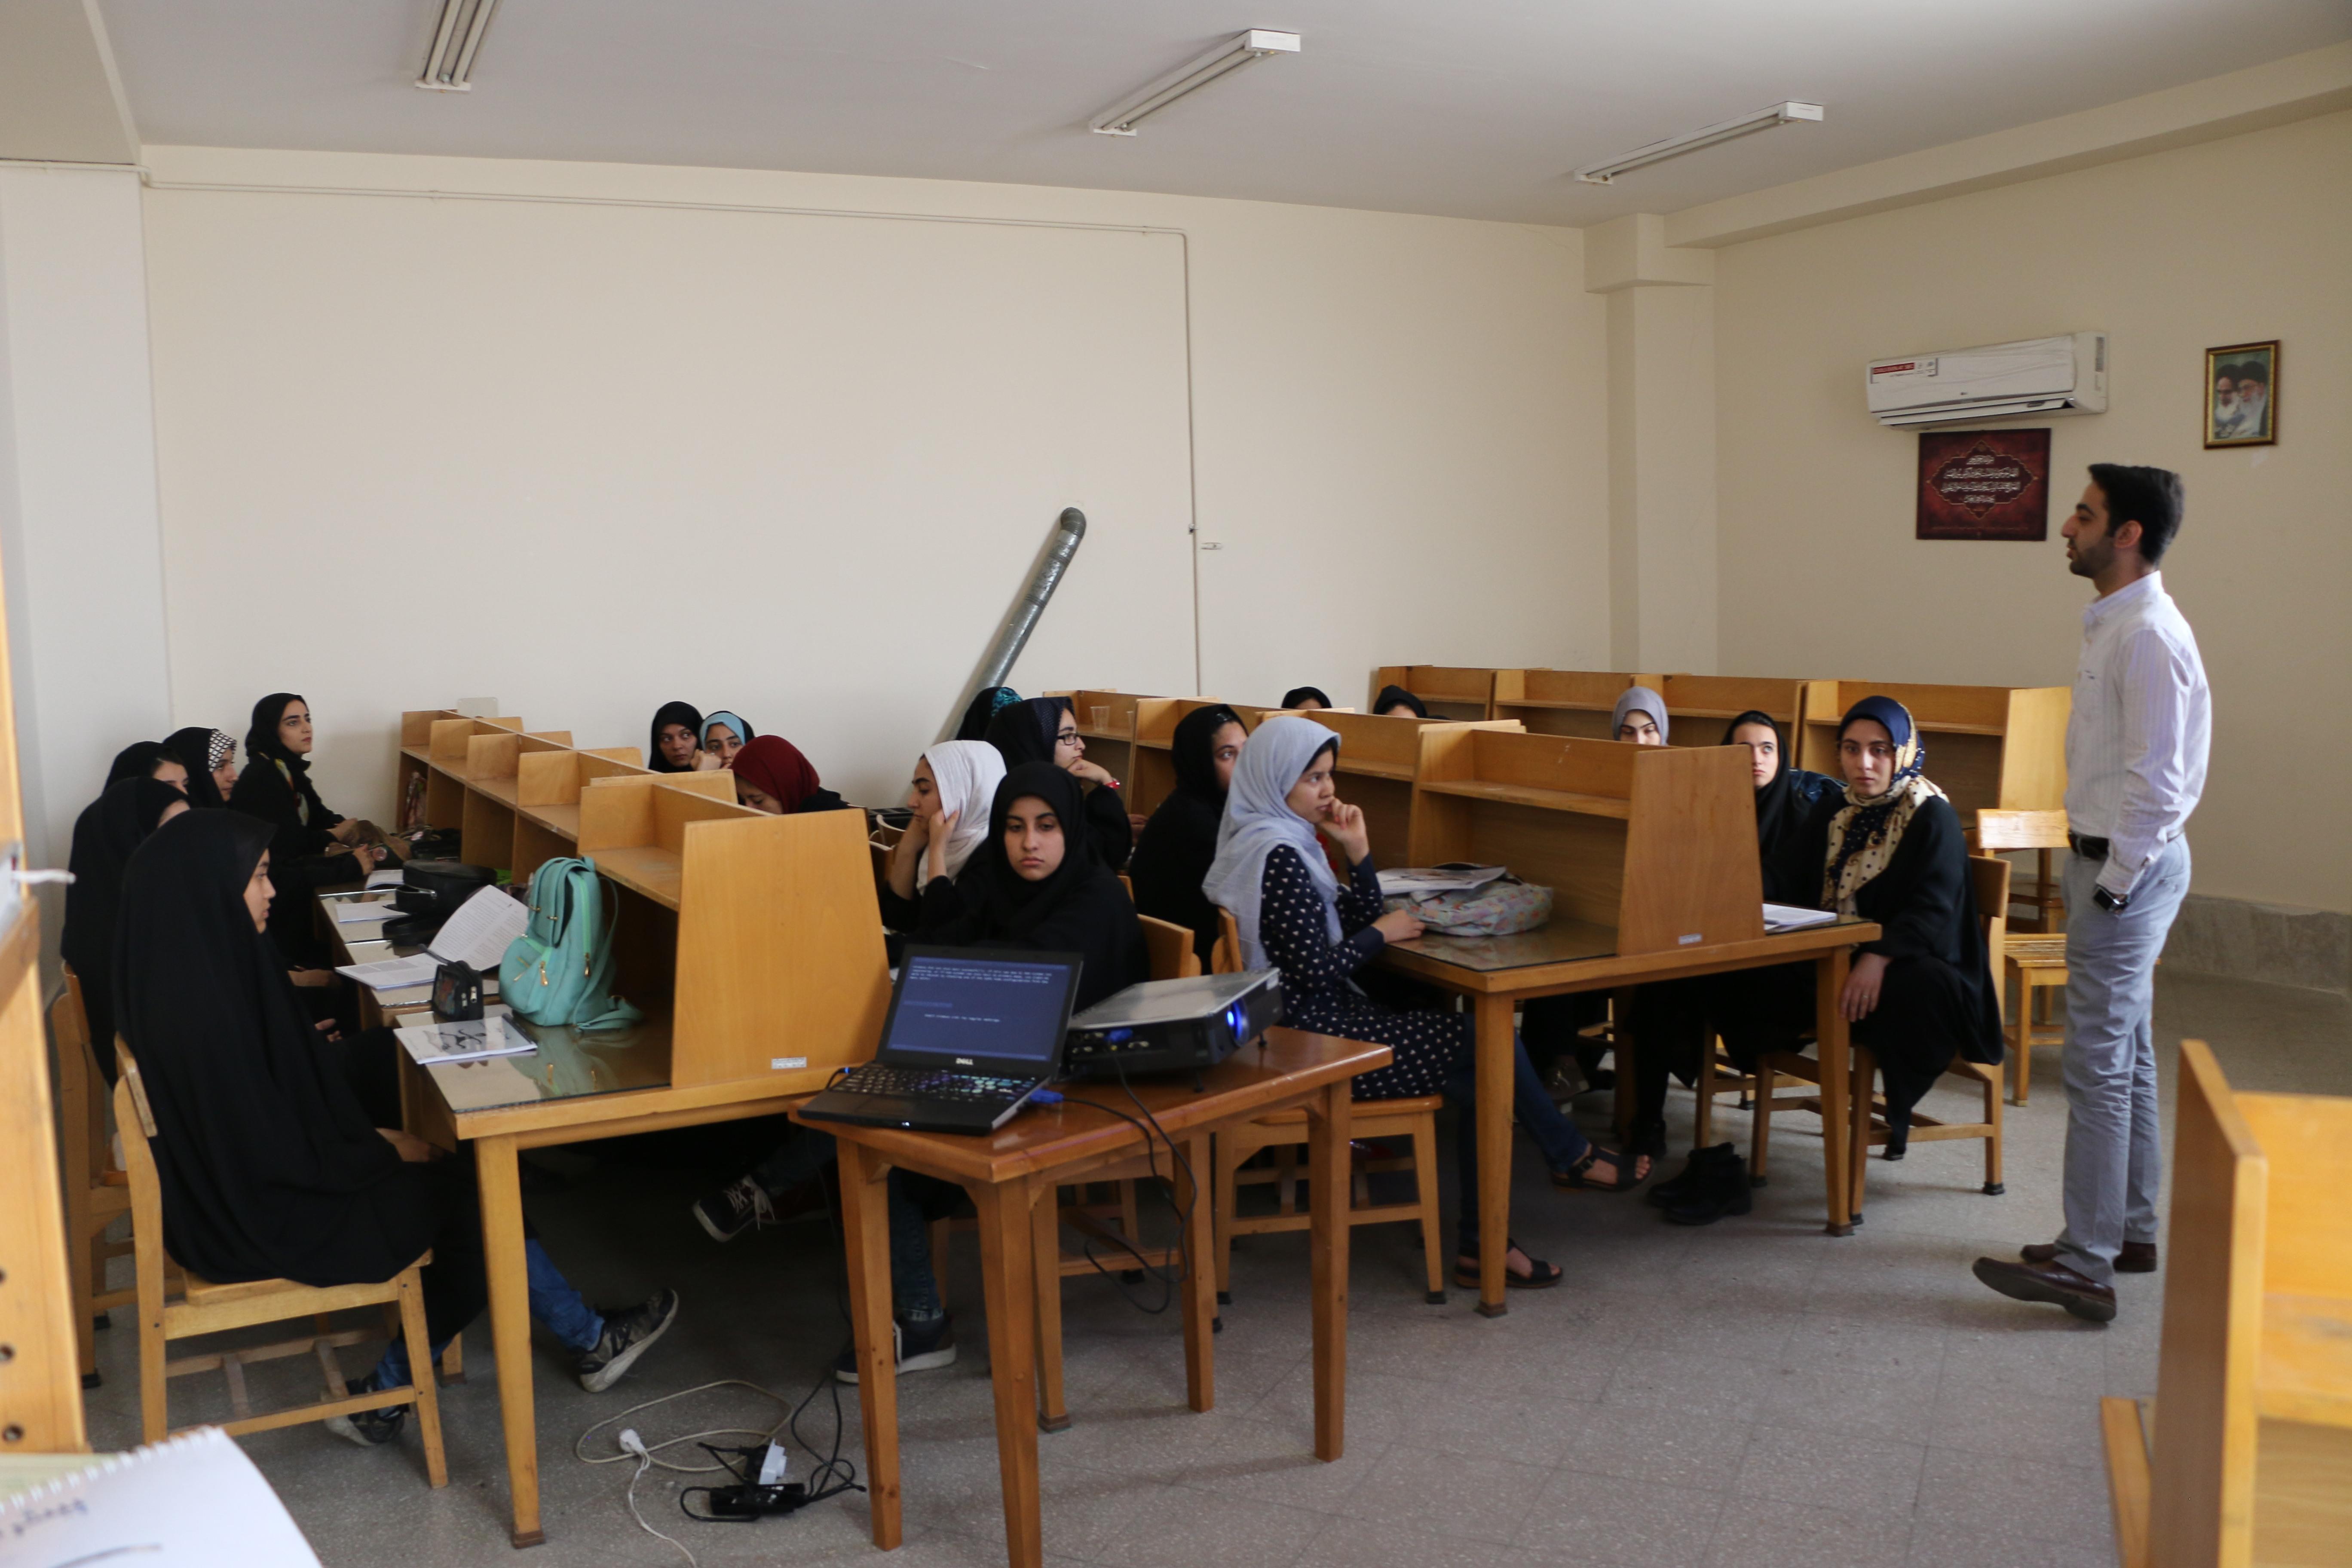 تندخوانی برای کنکوریها در کتابخانه امام صادق قم